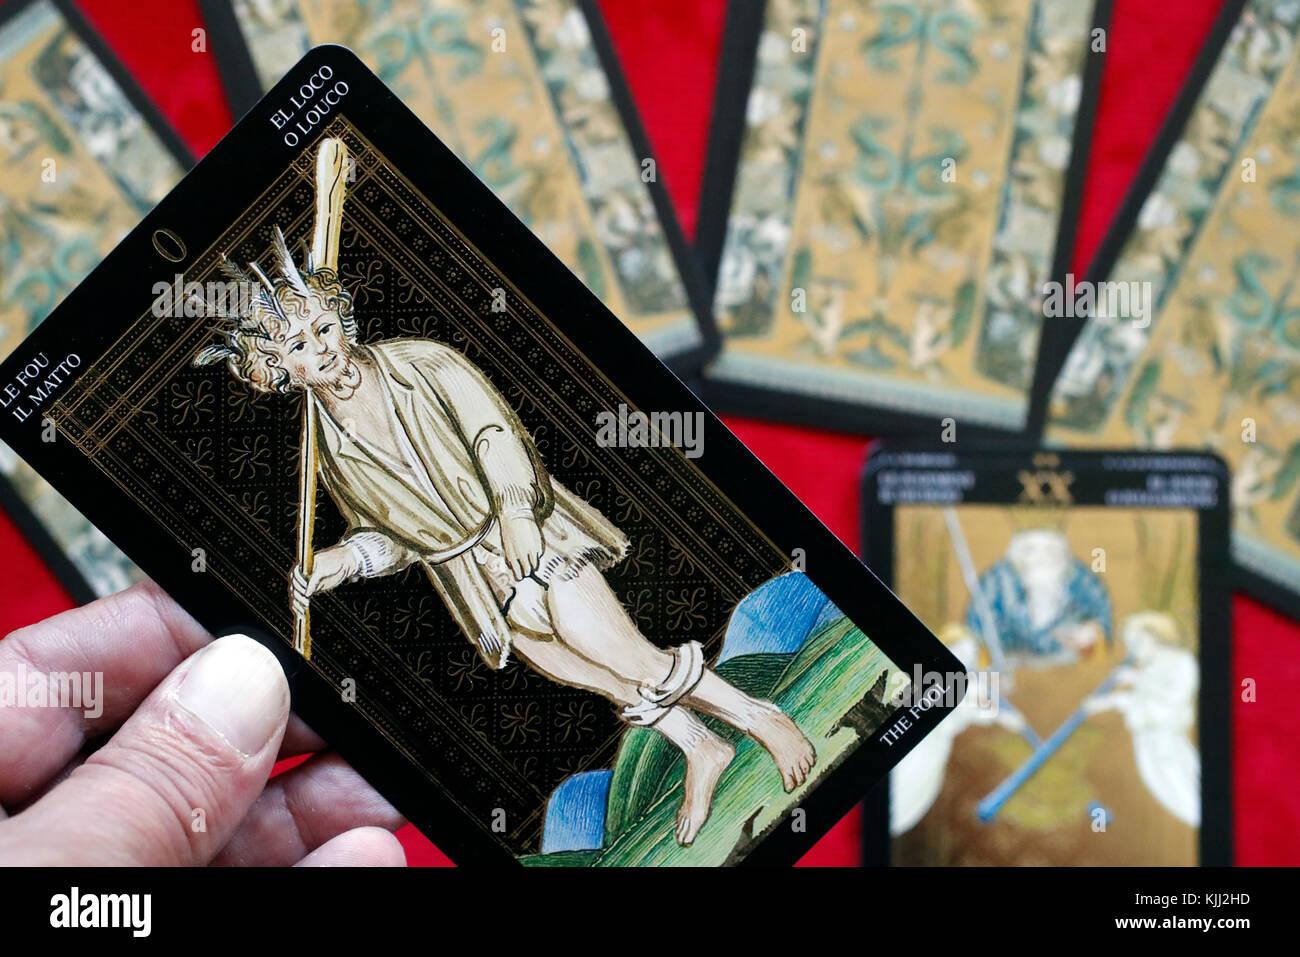 Tarot cards. The fool. - Stock Image